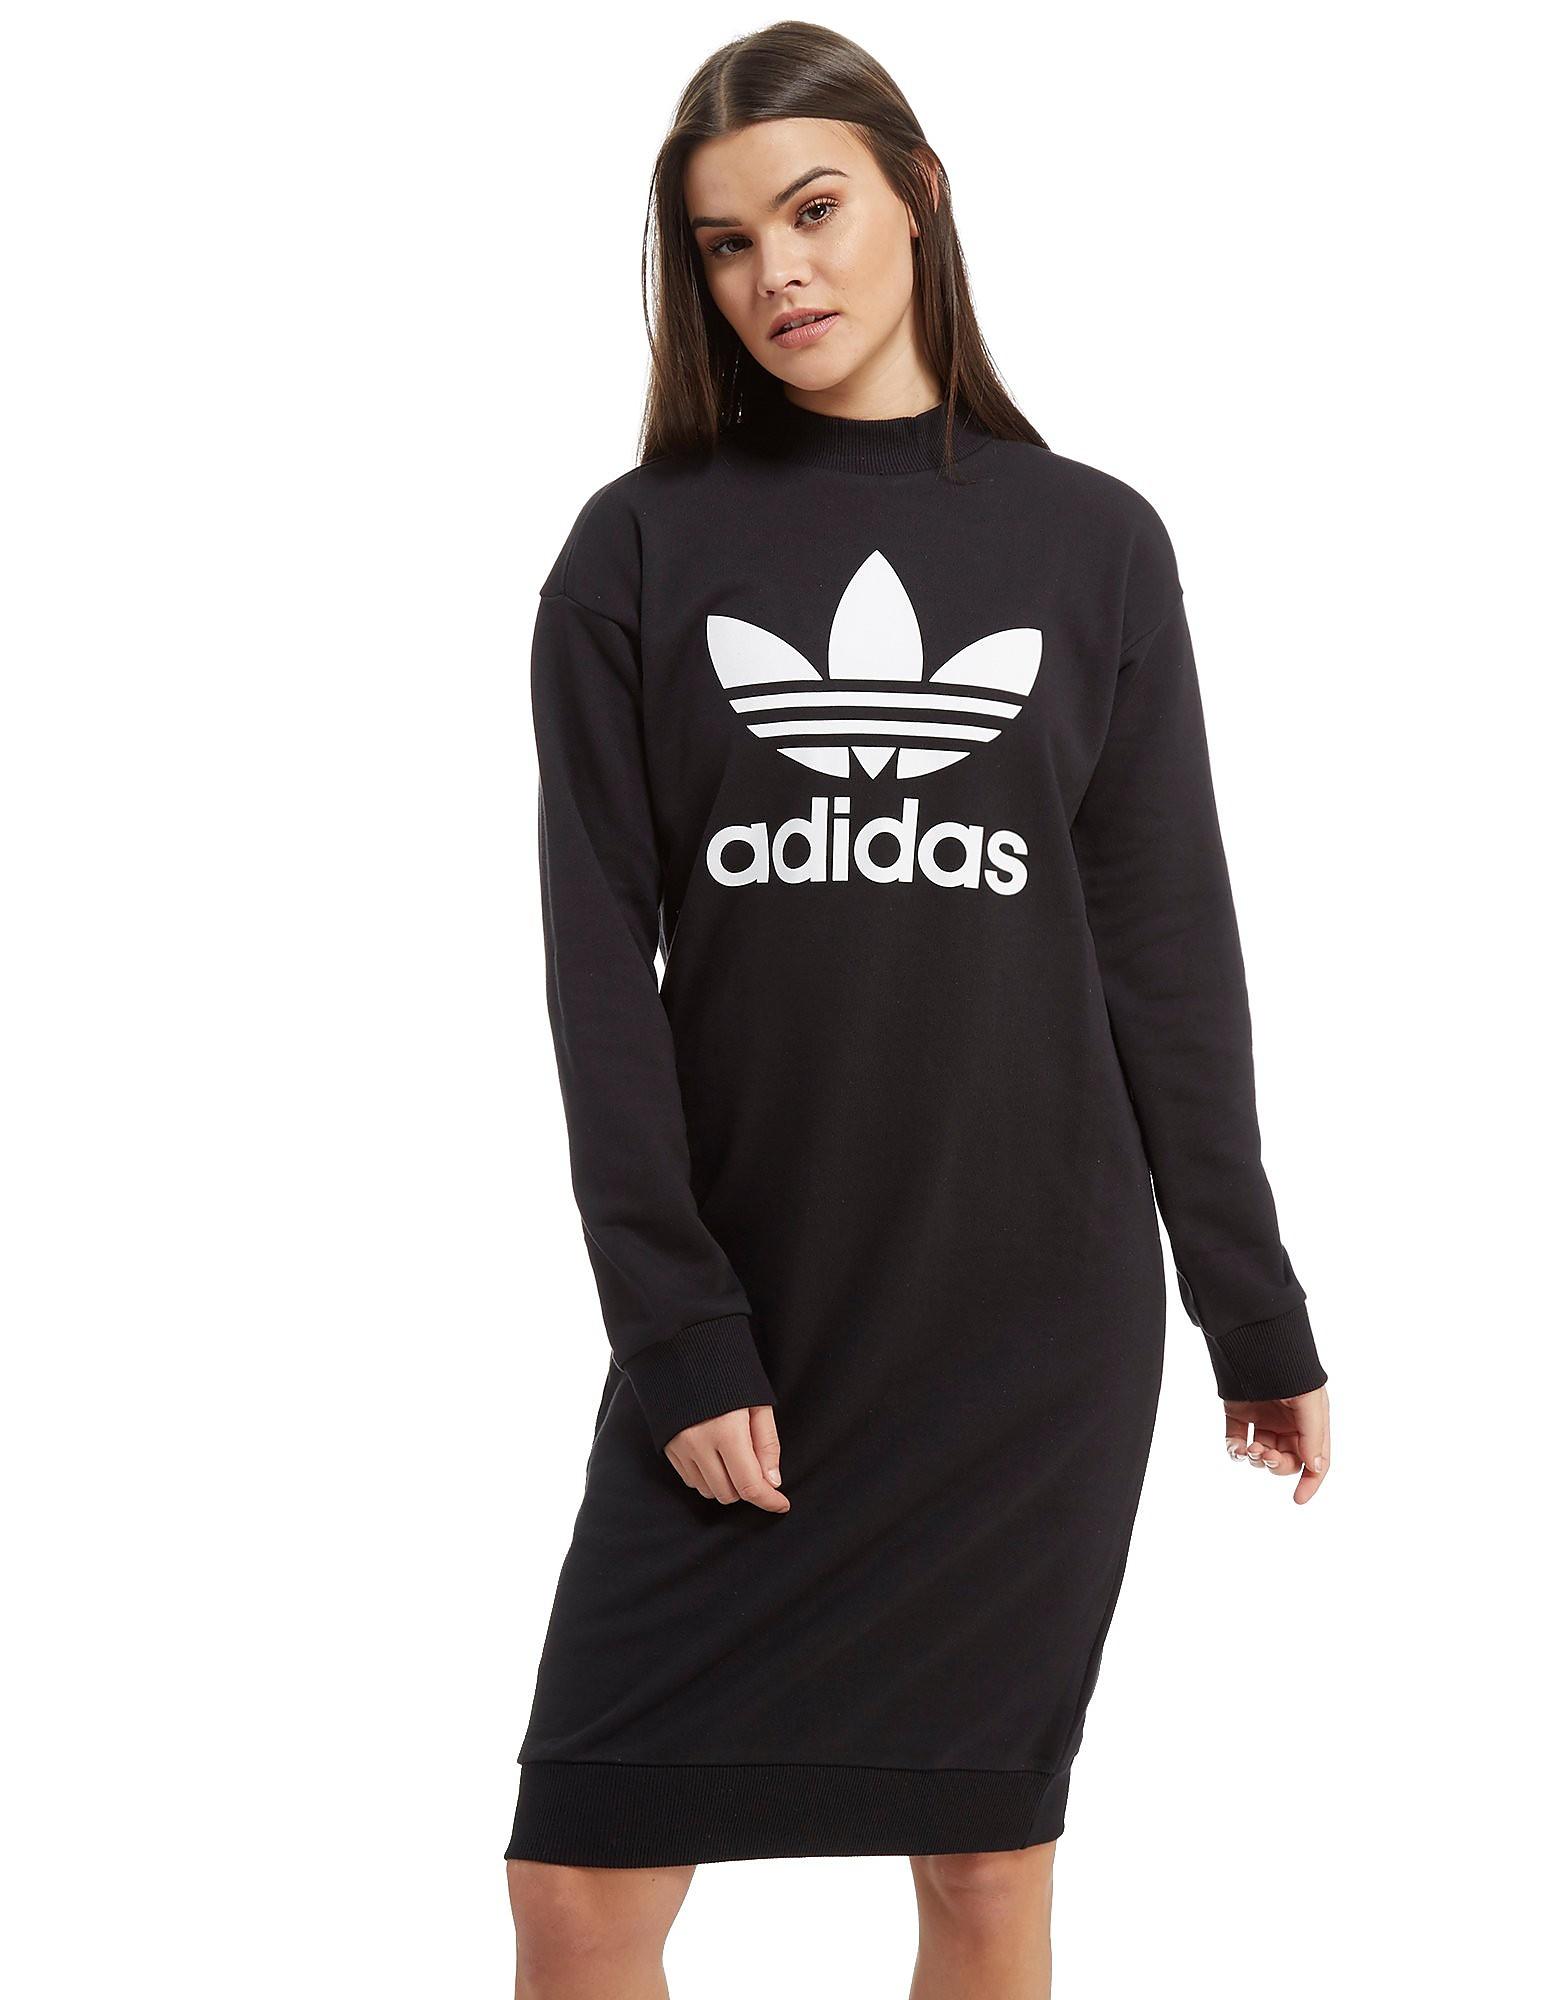 adidas Originals High Neck Trefoil Dress